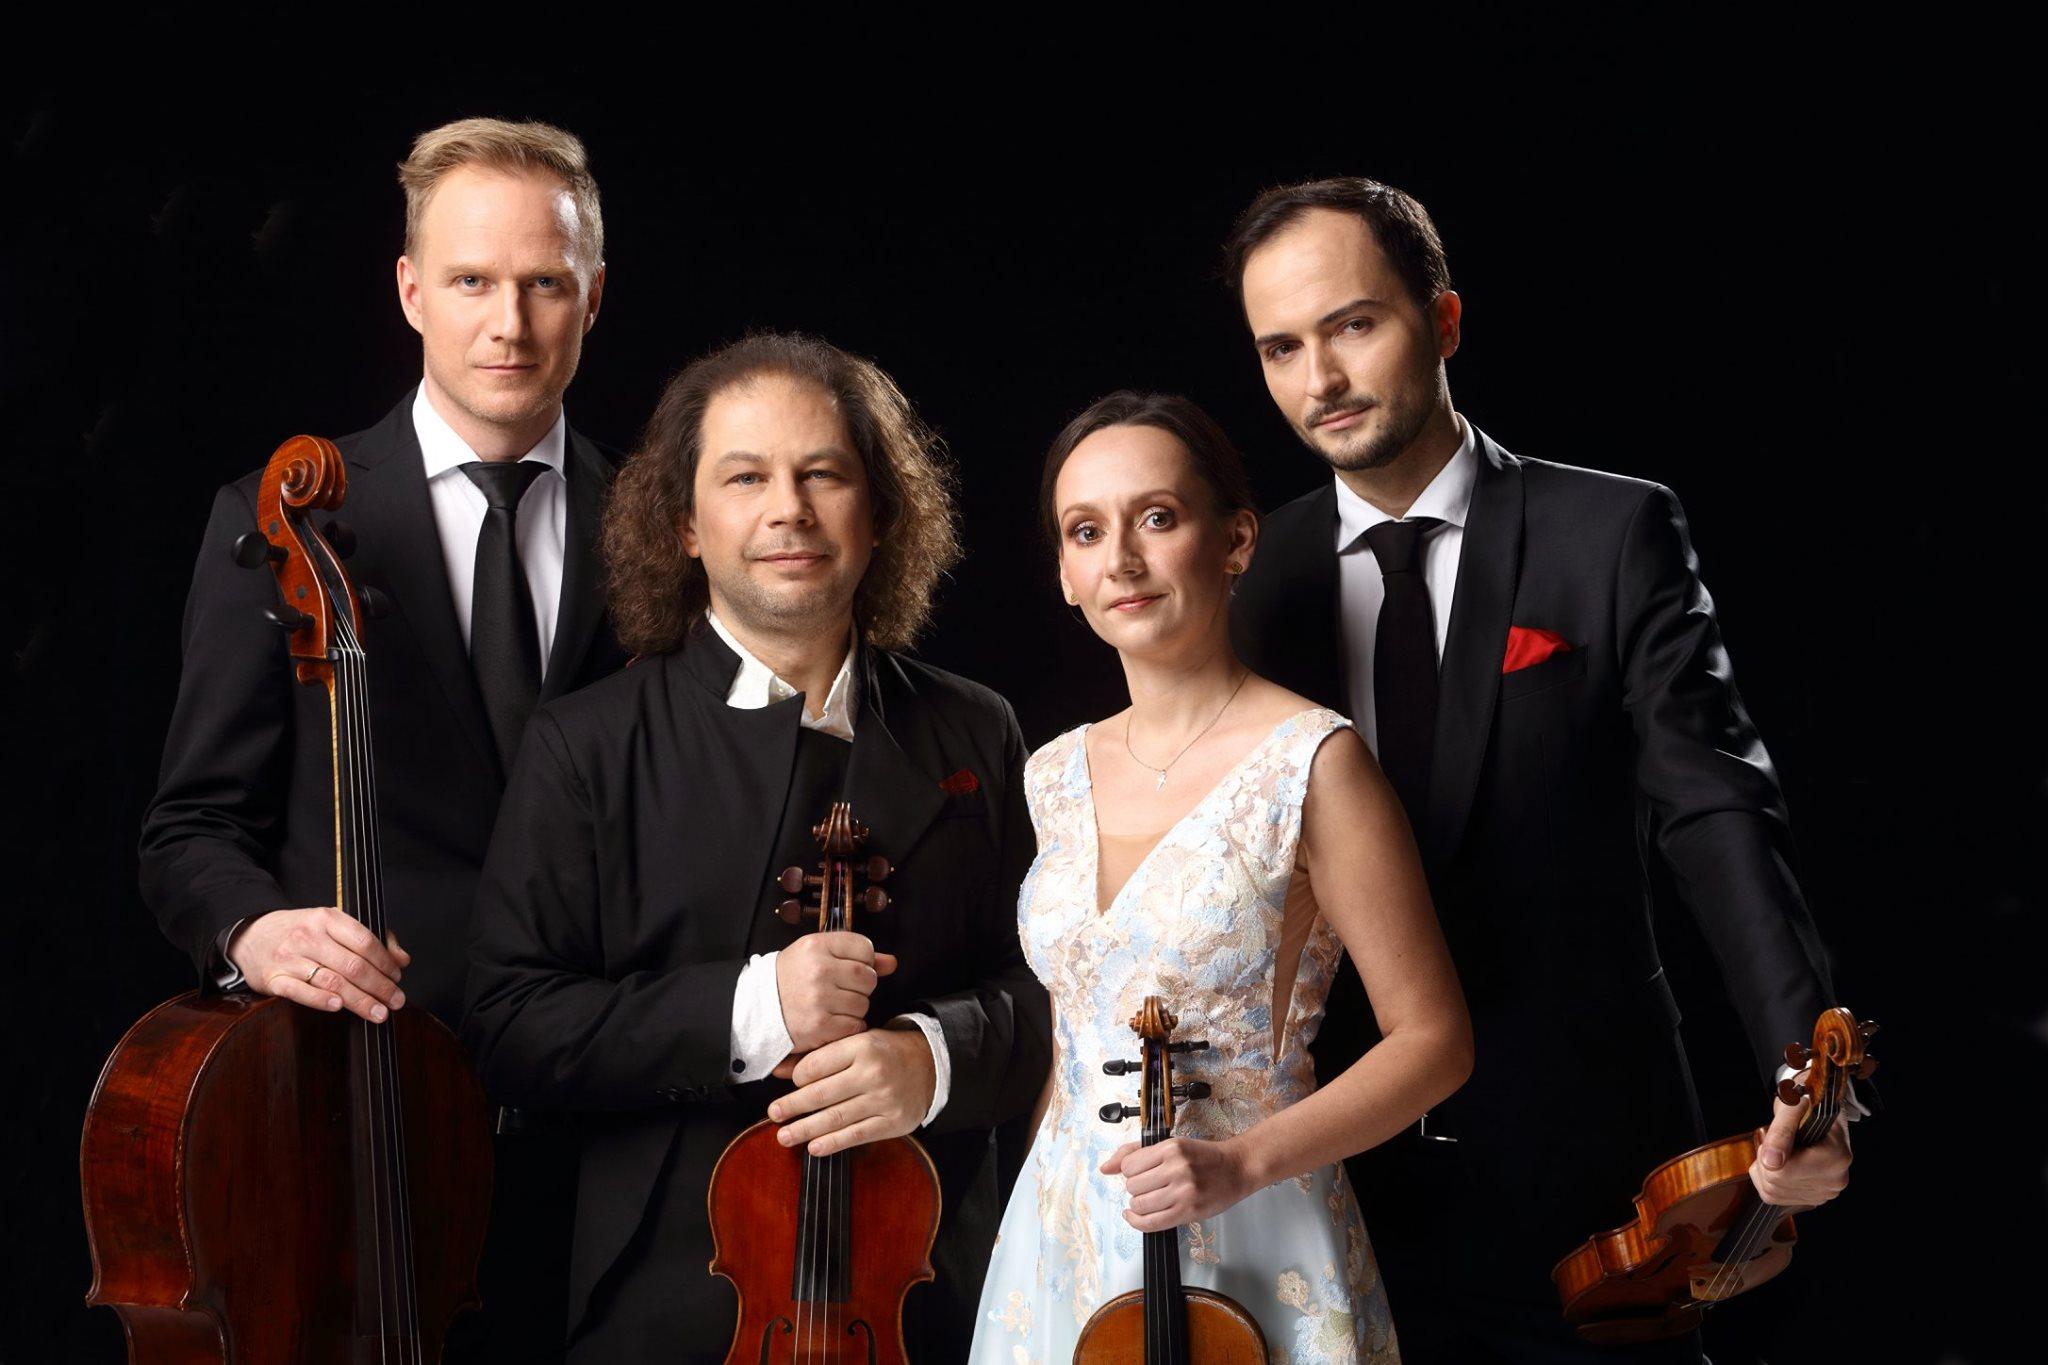 String quartet replaces post-maternity cellist